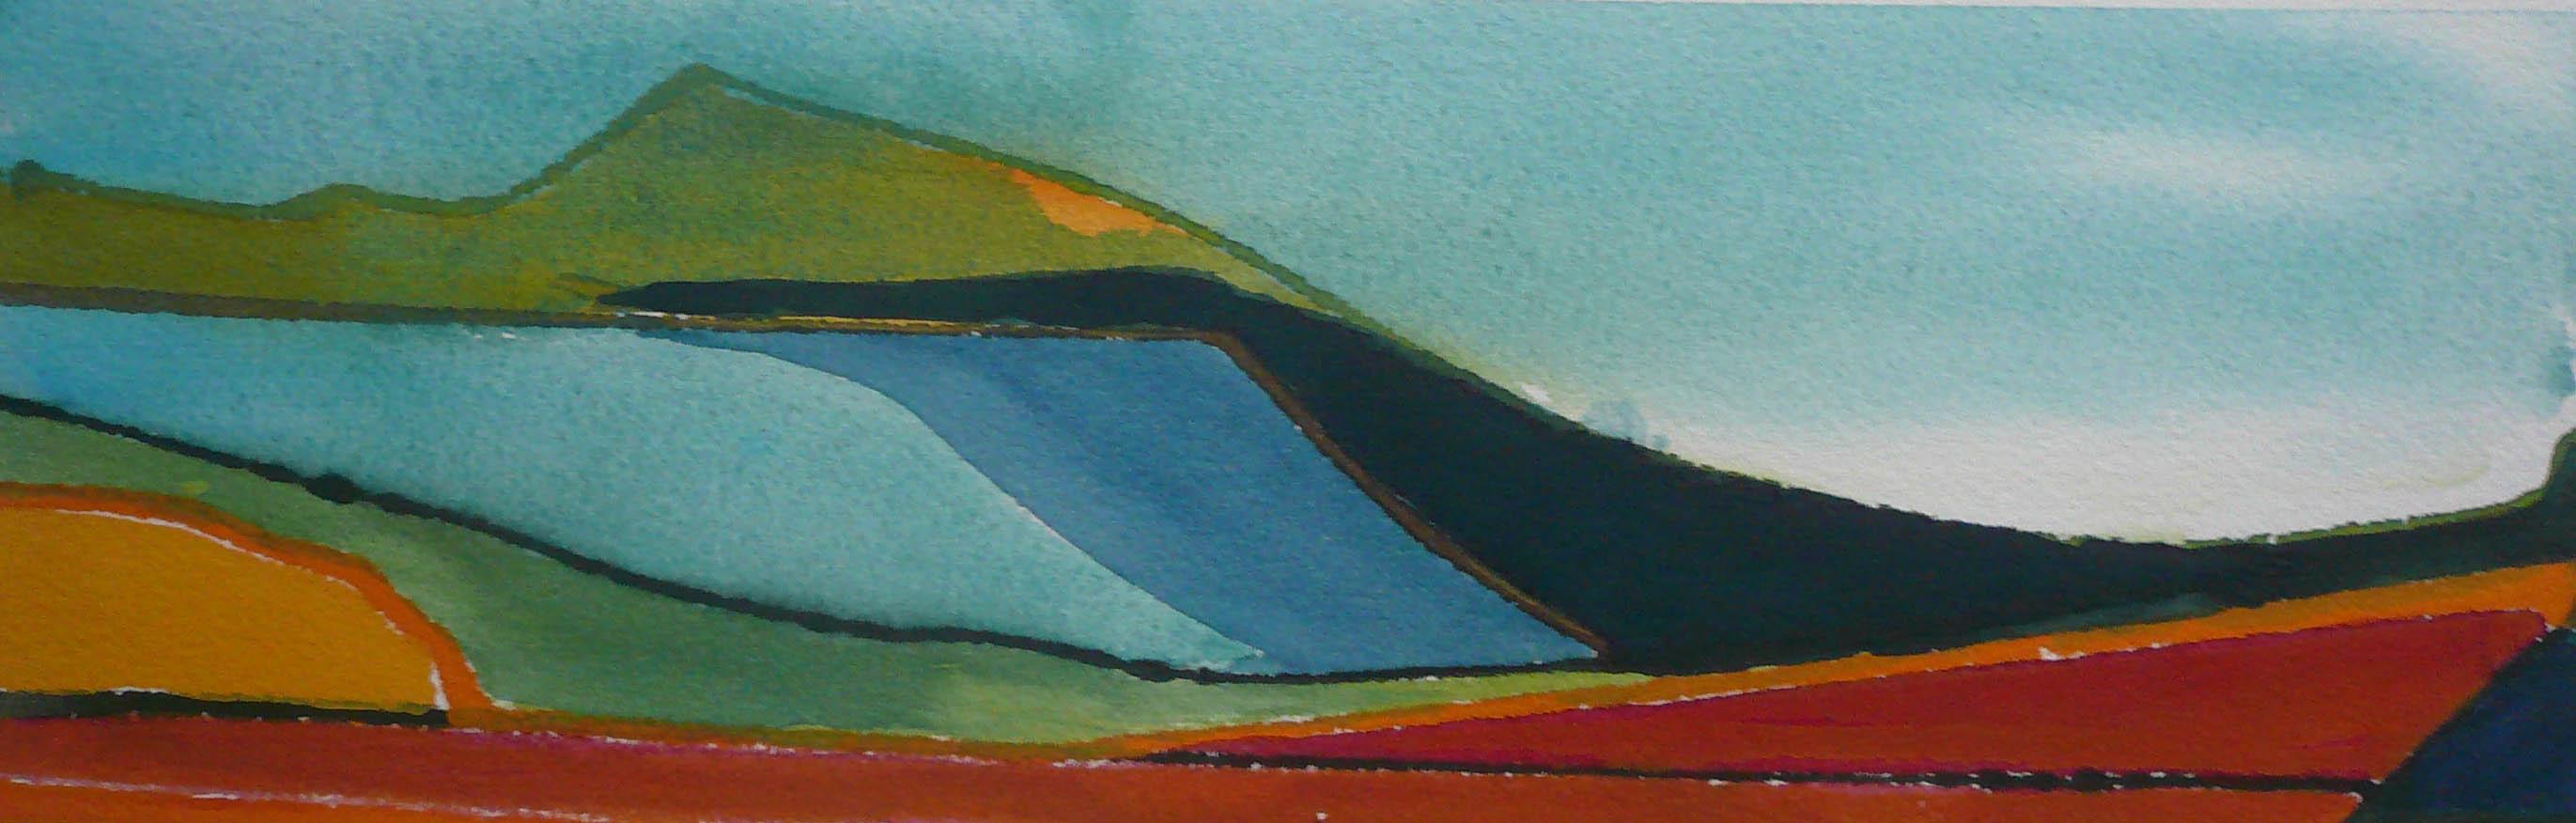 3-Horizon 12-14x36cm